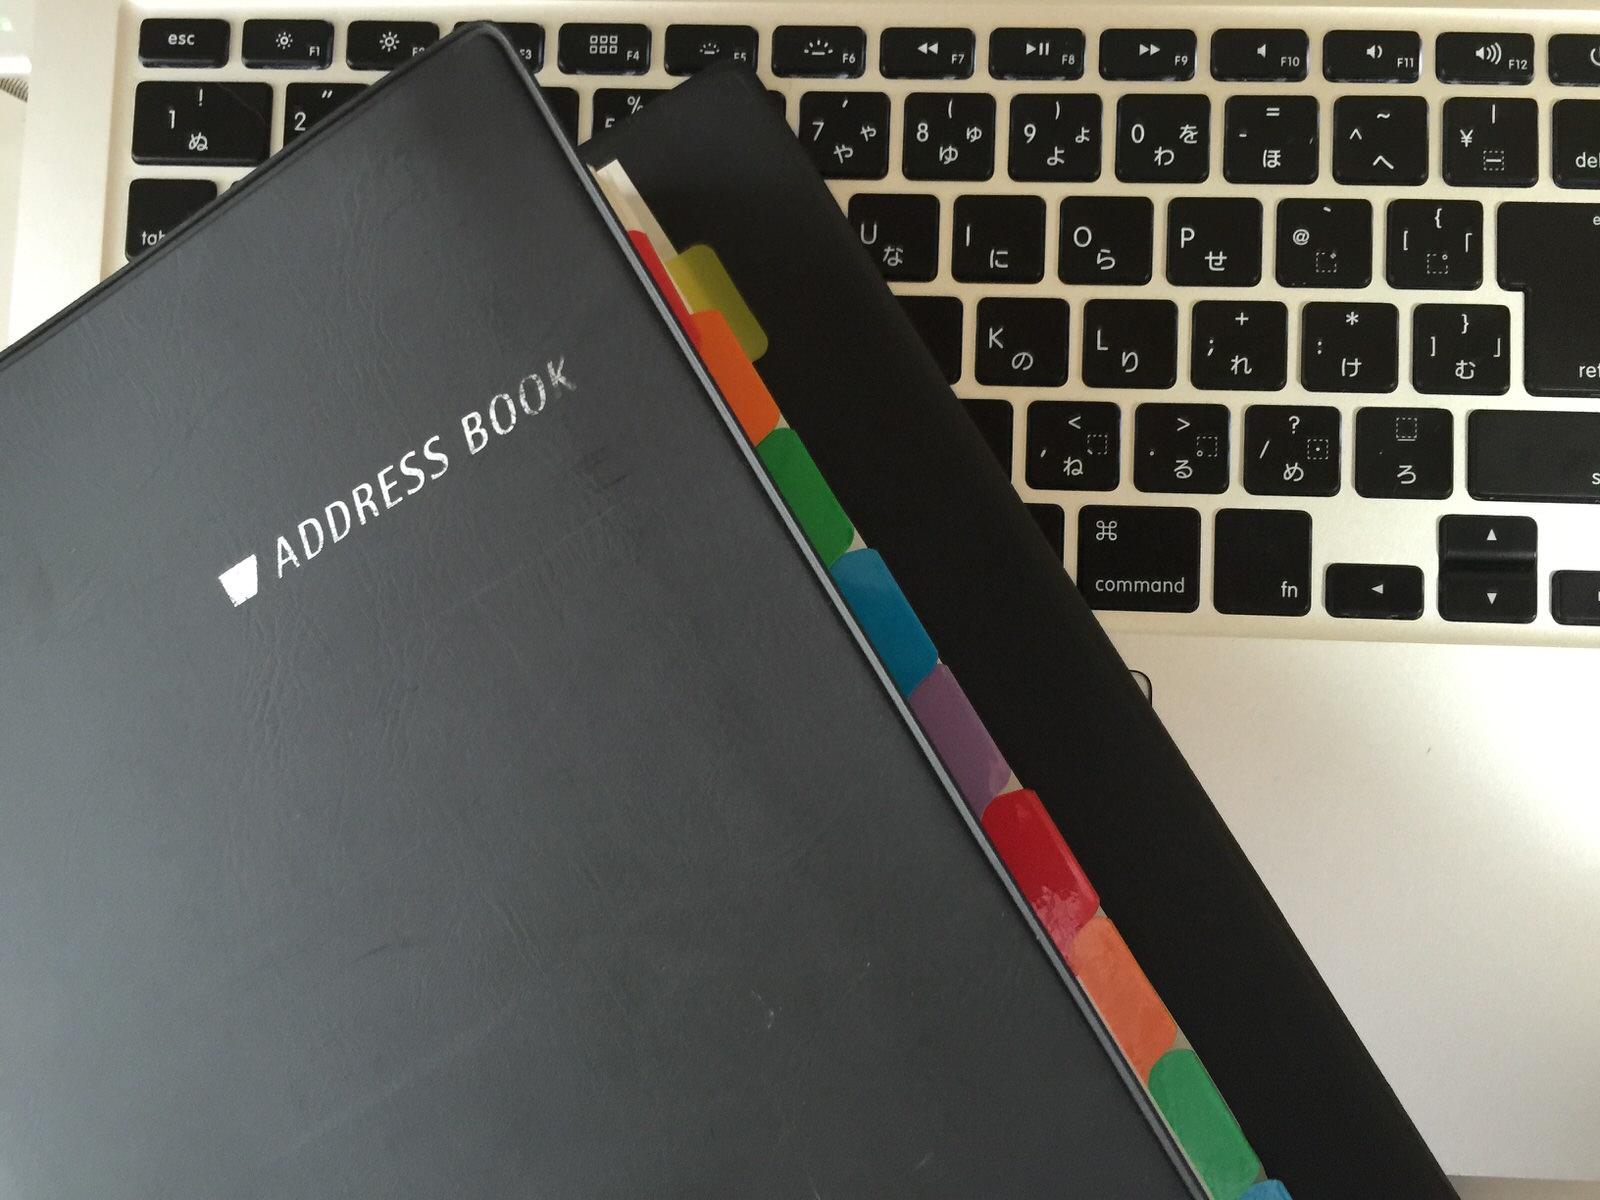 RSSを購読していたブログを一覧できるサイトをWordPressで構築